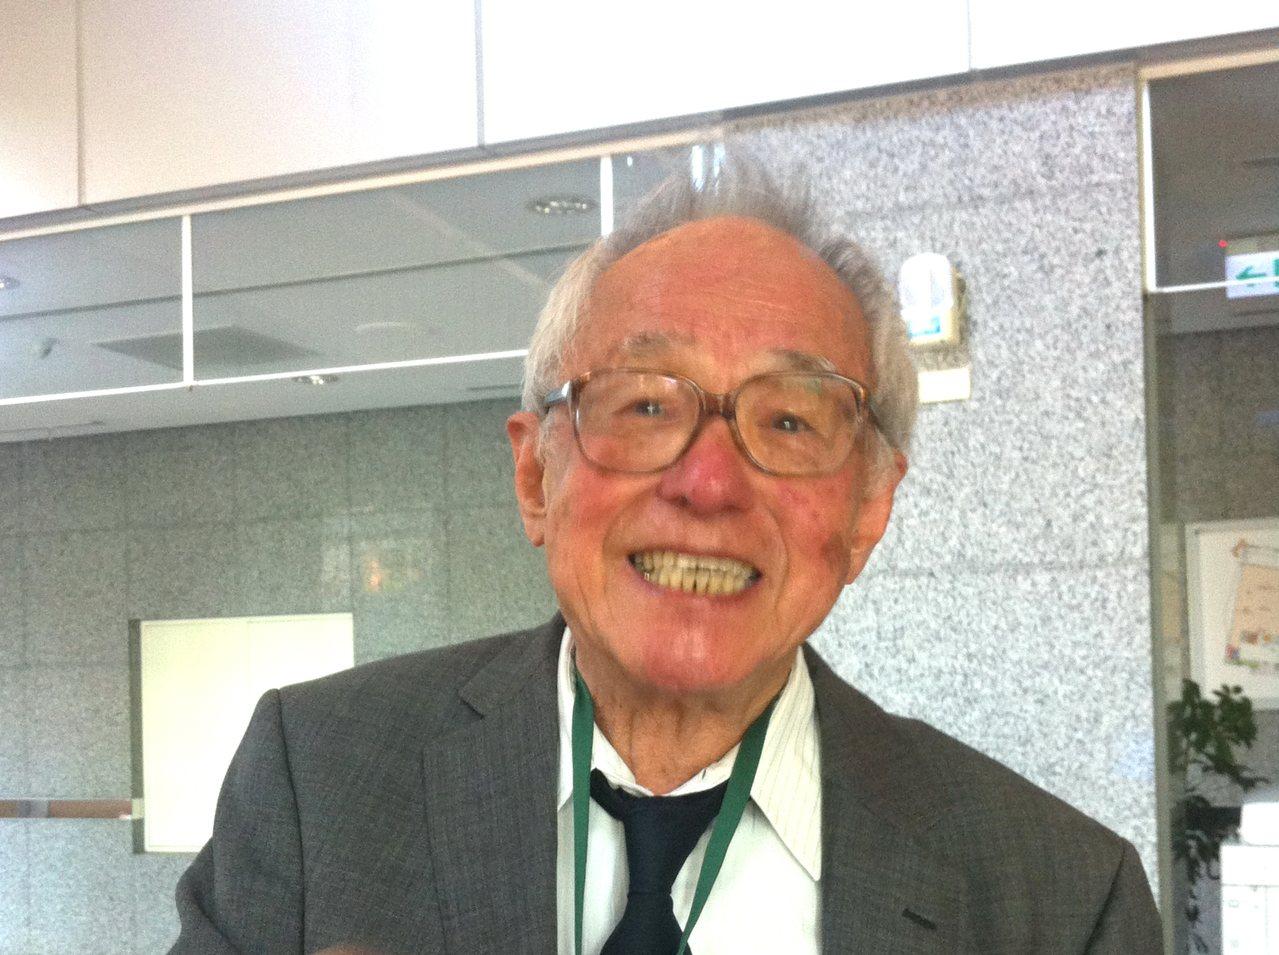 台湾中研院院士发现:癌症基因并非人类基因 图